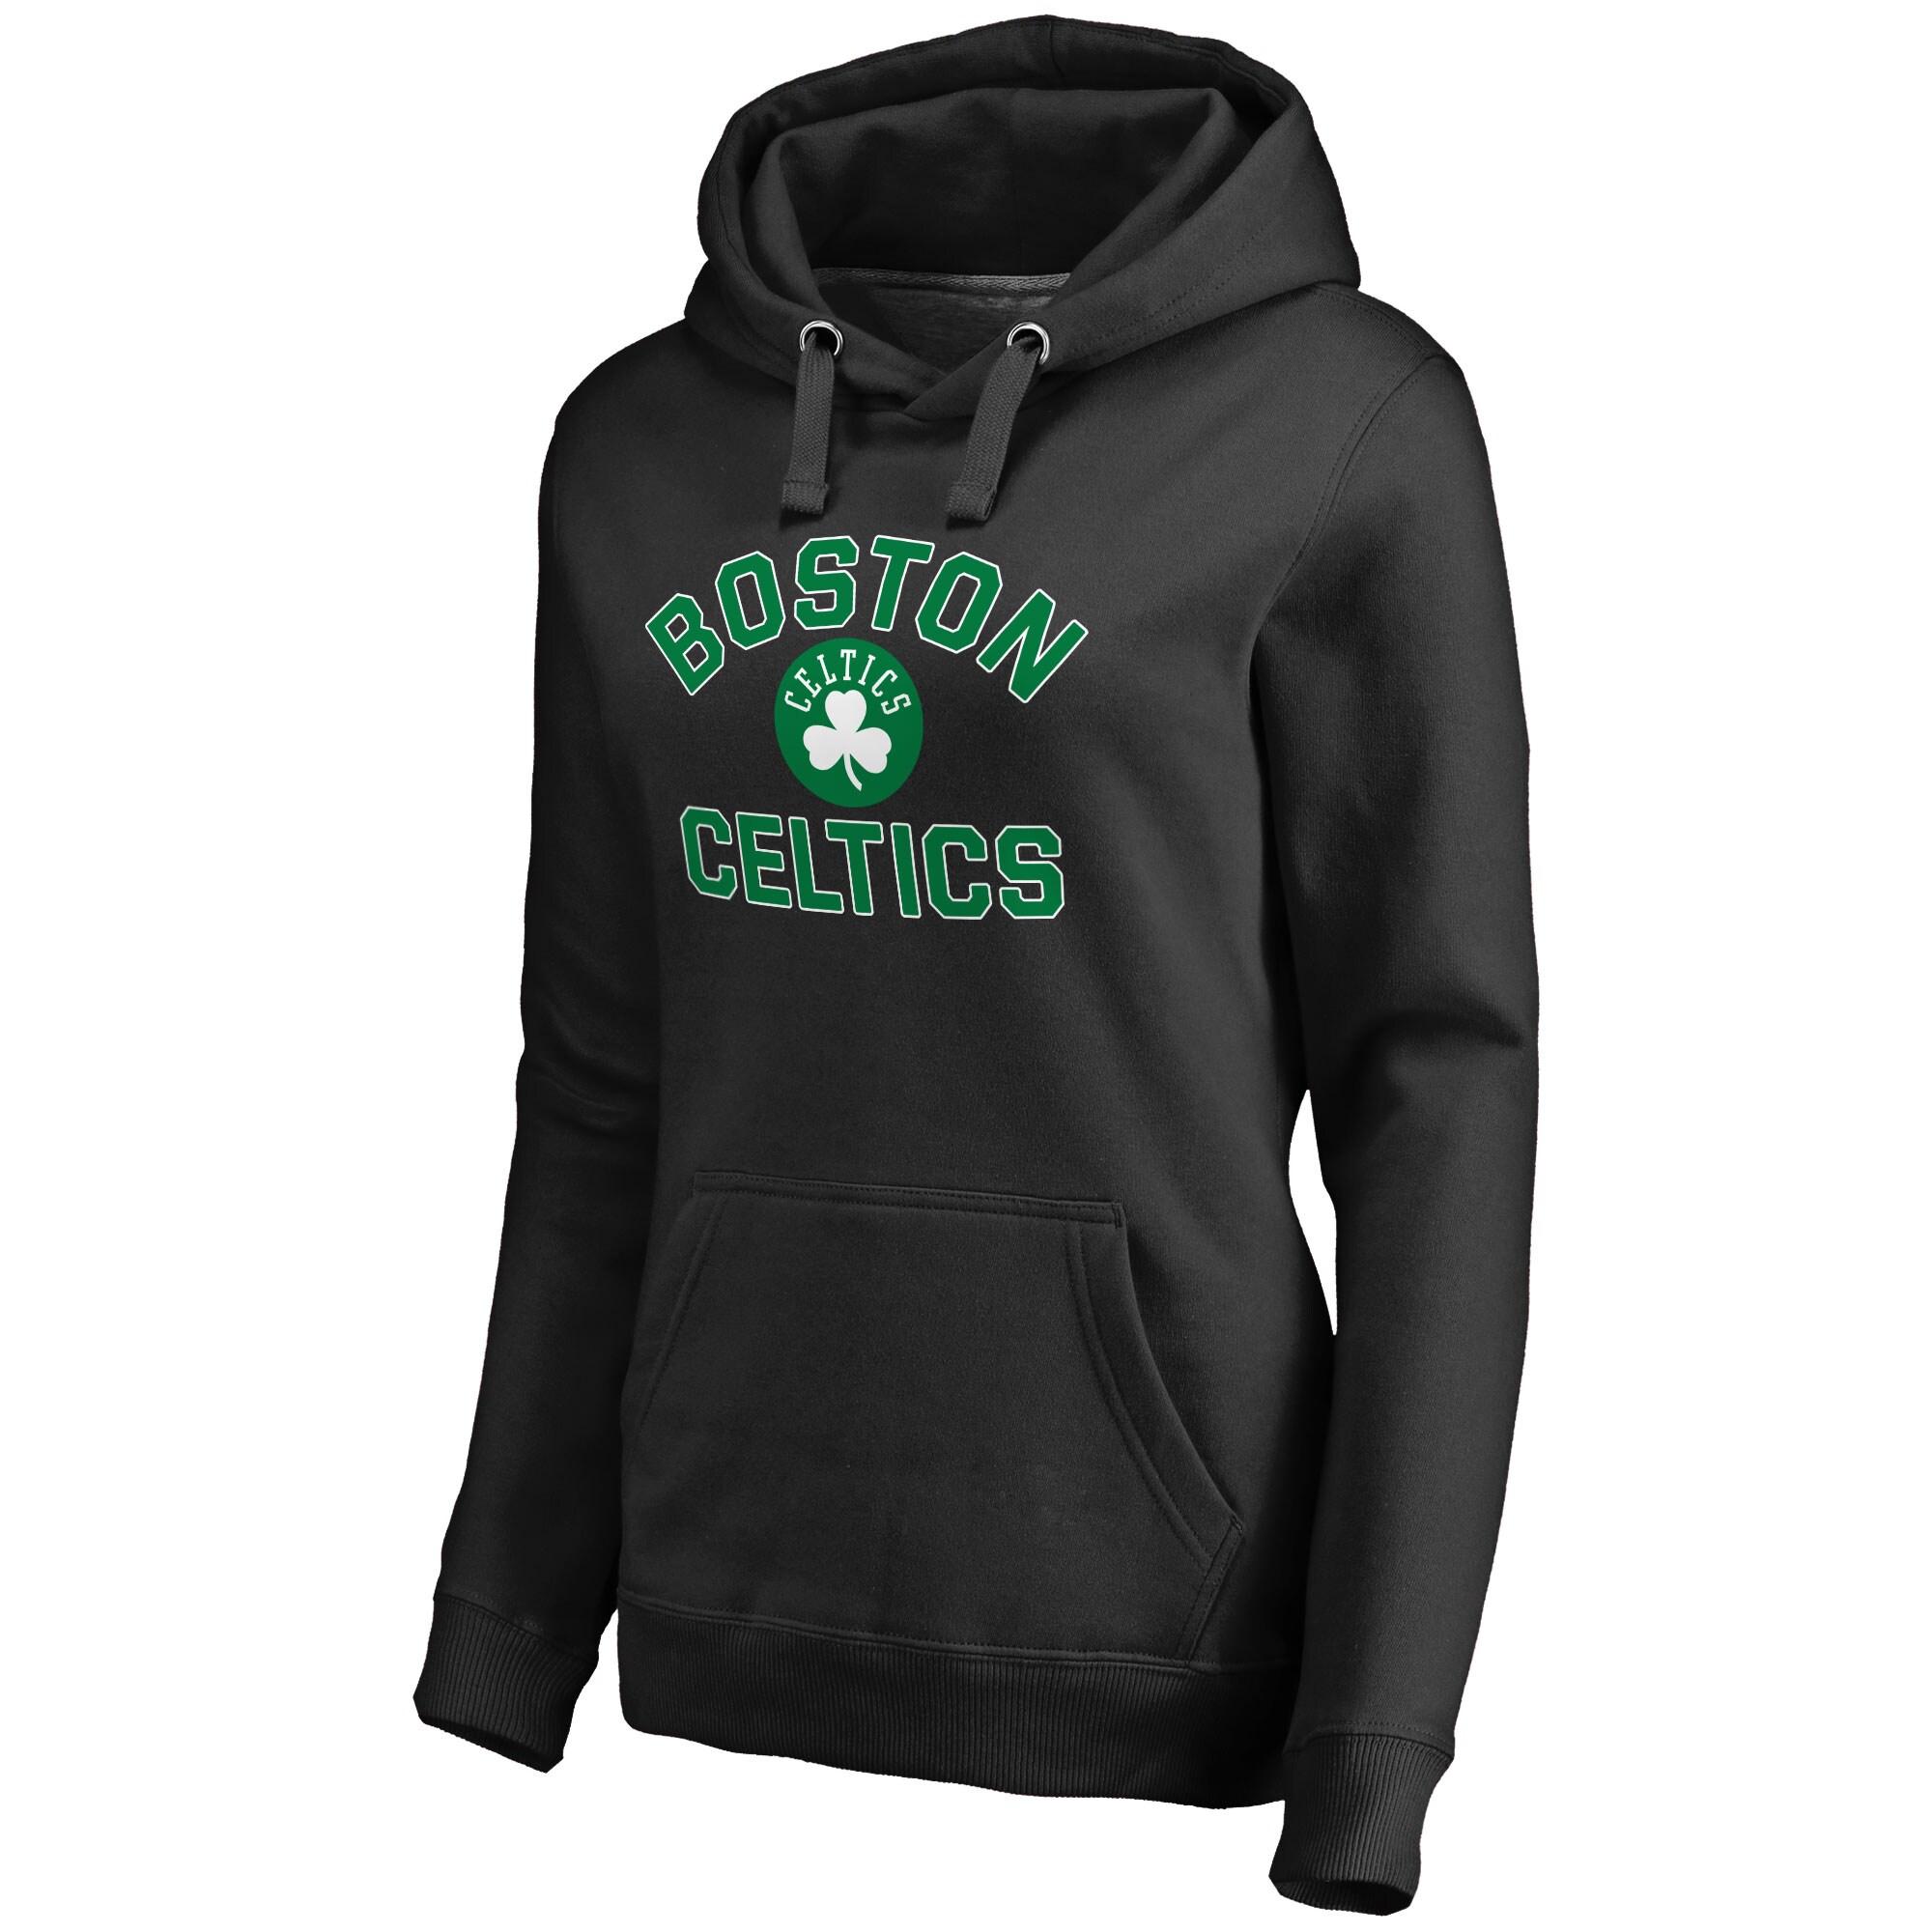 Boston Celtics Women's Overtime Pullover Hoodie - Black